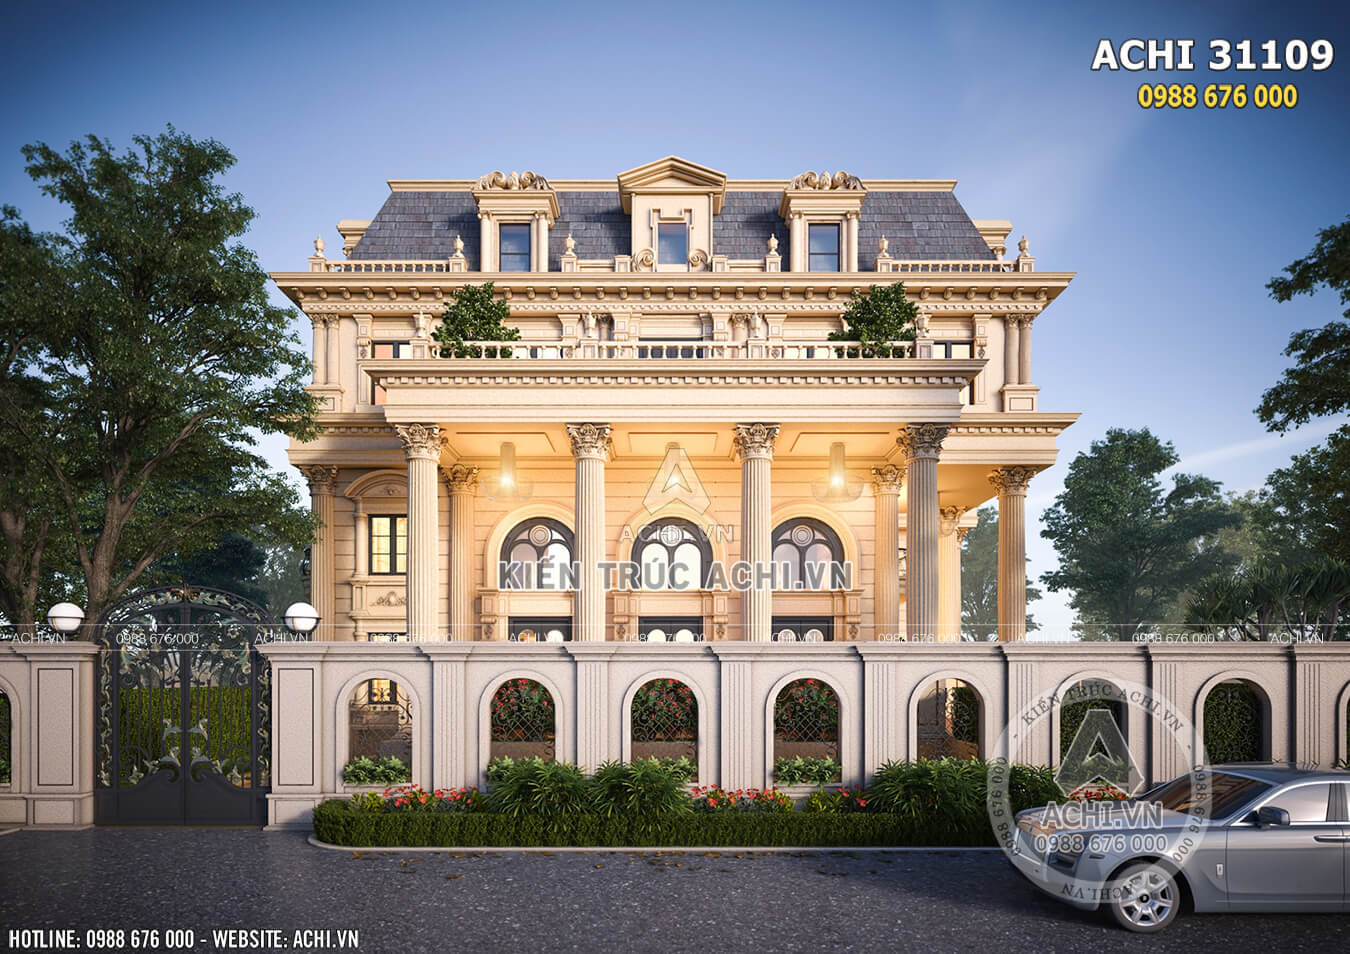 Mẫu thiết kế dinh thự Châu Âu kiến trúc tân cổ điển view nhìn từ ngoài vào